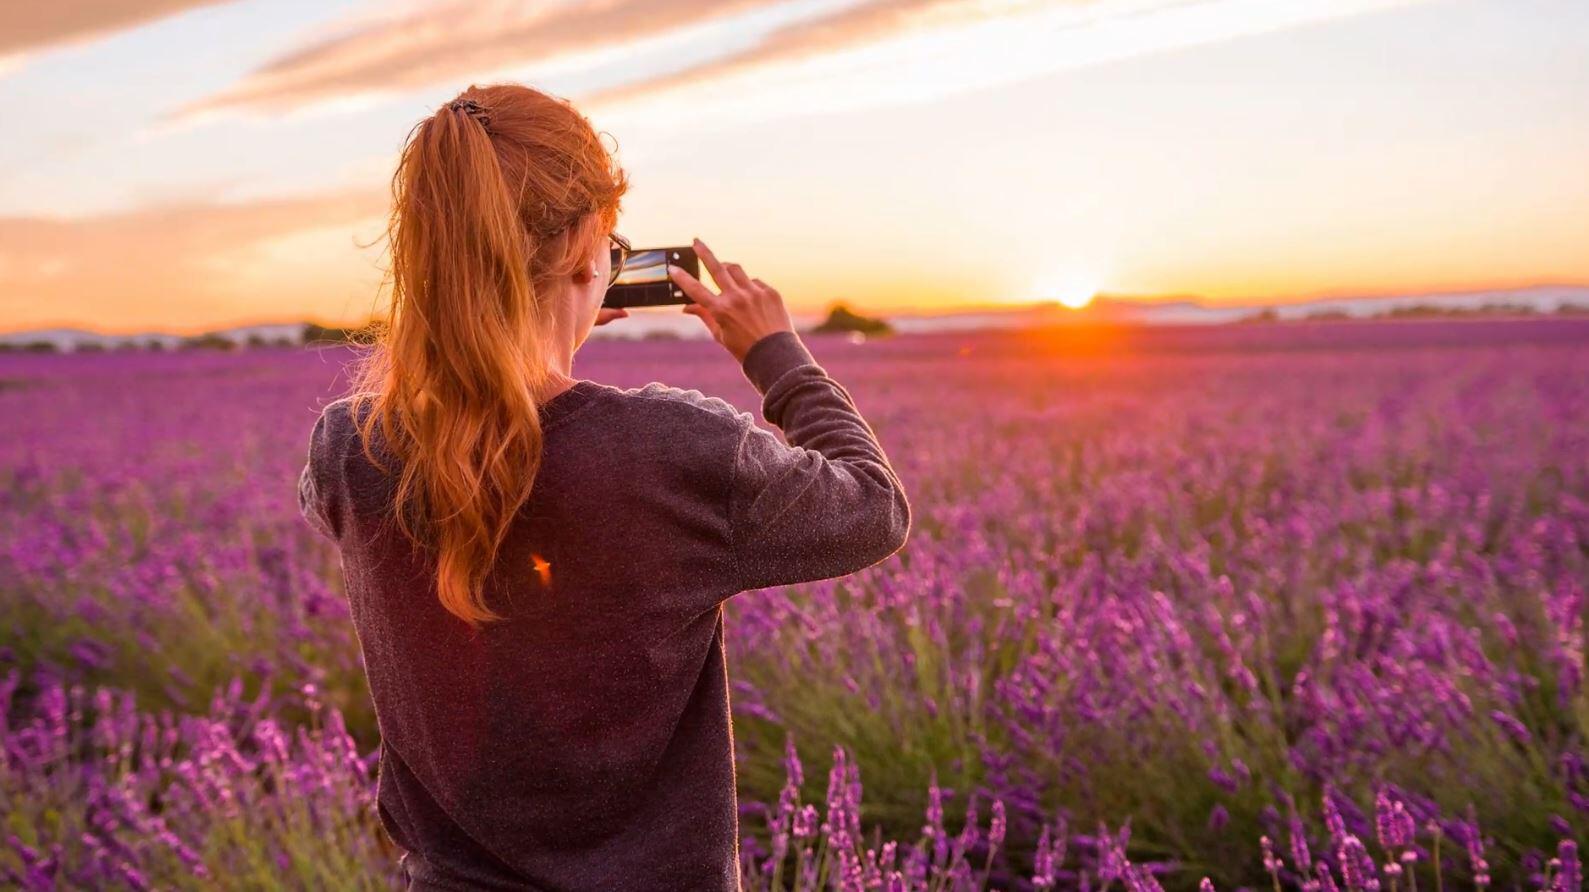 Bild zu Lavendel-Bauern, Lavendel, Provence, Frankreich, Instagram, Instagrammer, Influencer